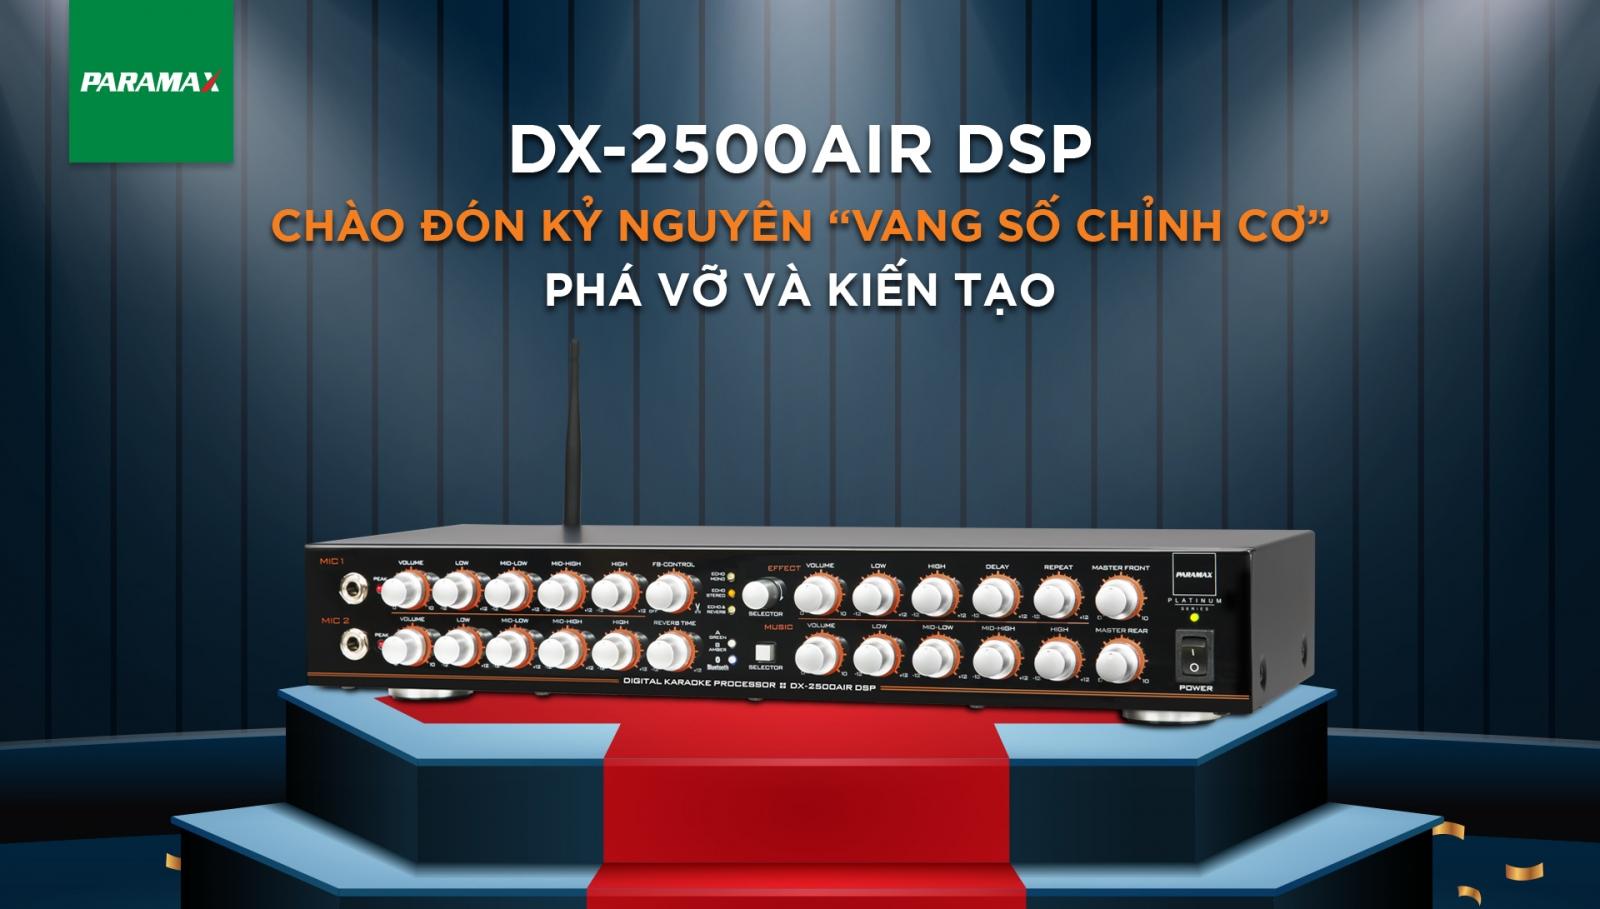 vang số Paramax DX-2500AIR